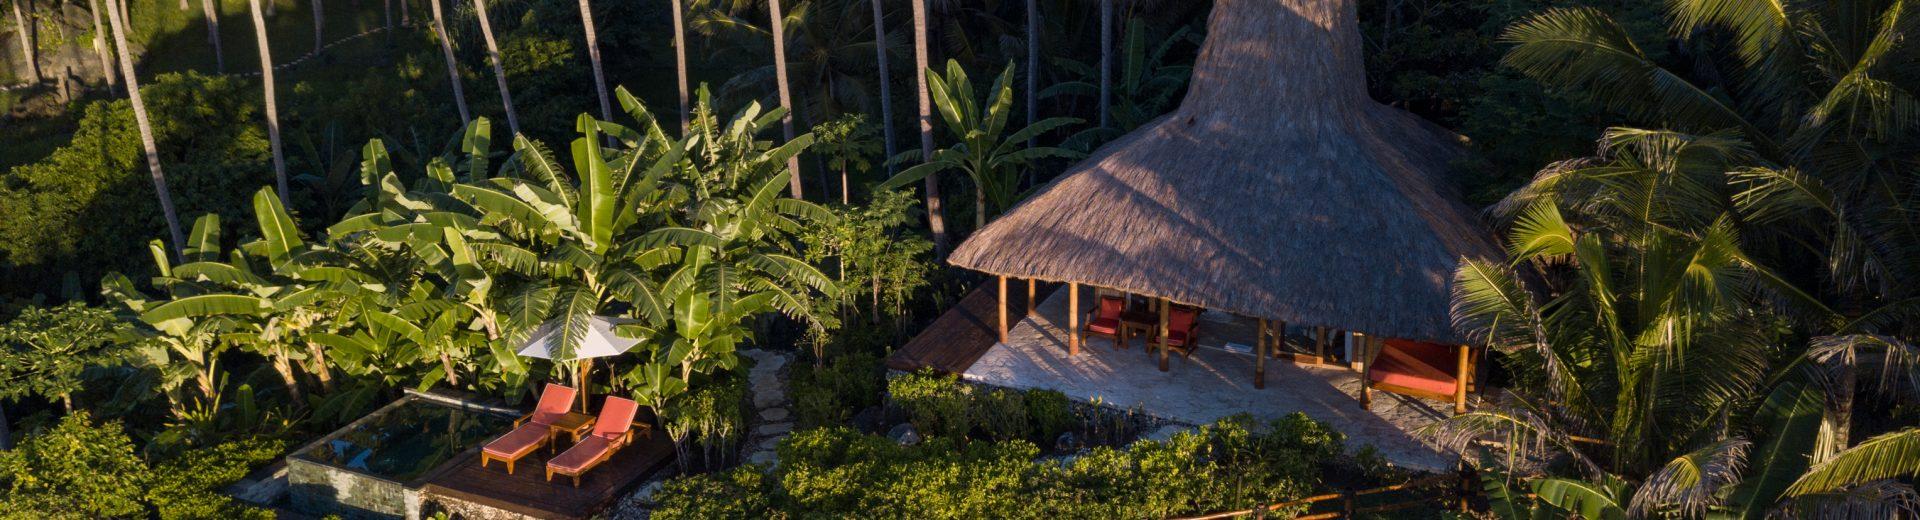 NIHI Sumba nature lovers hotel